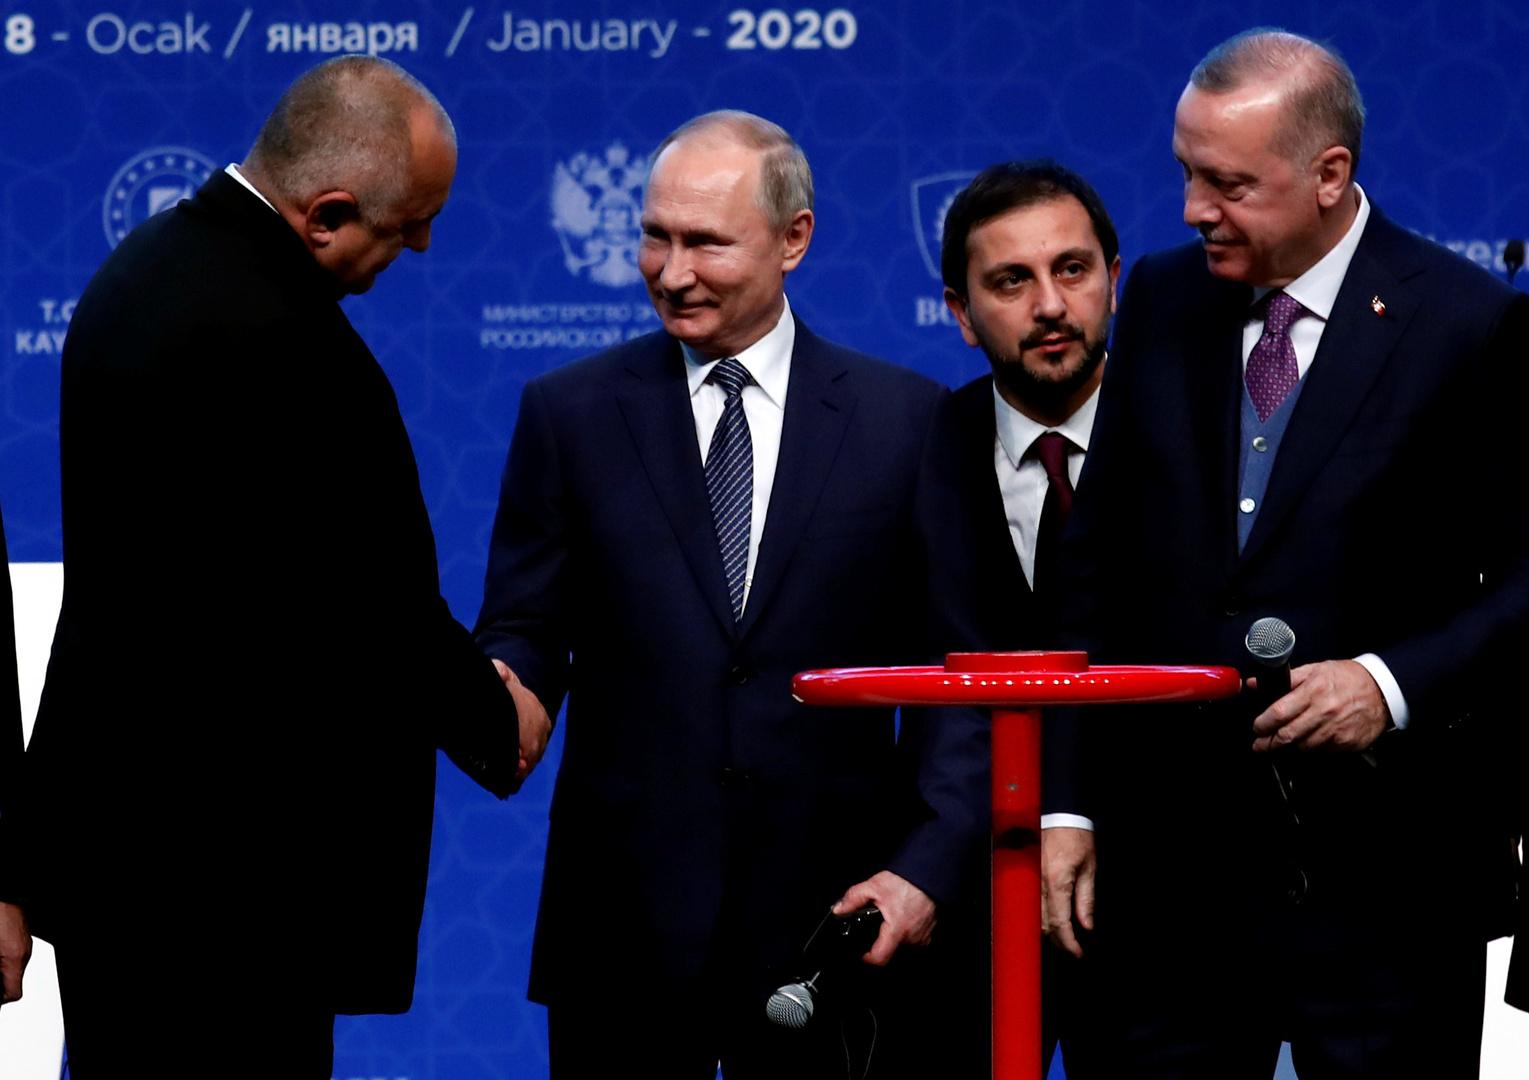 فرصة روسيا الشرق أوسطية